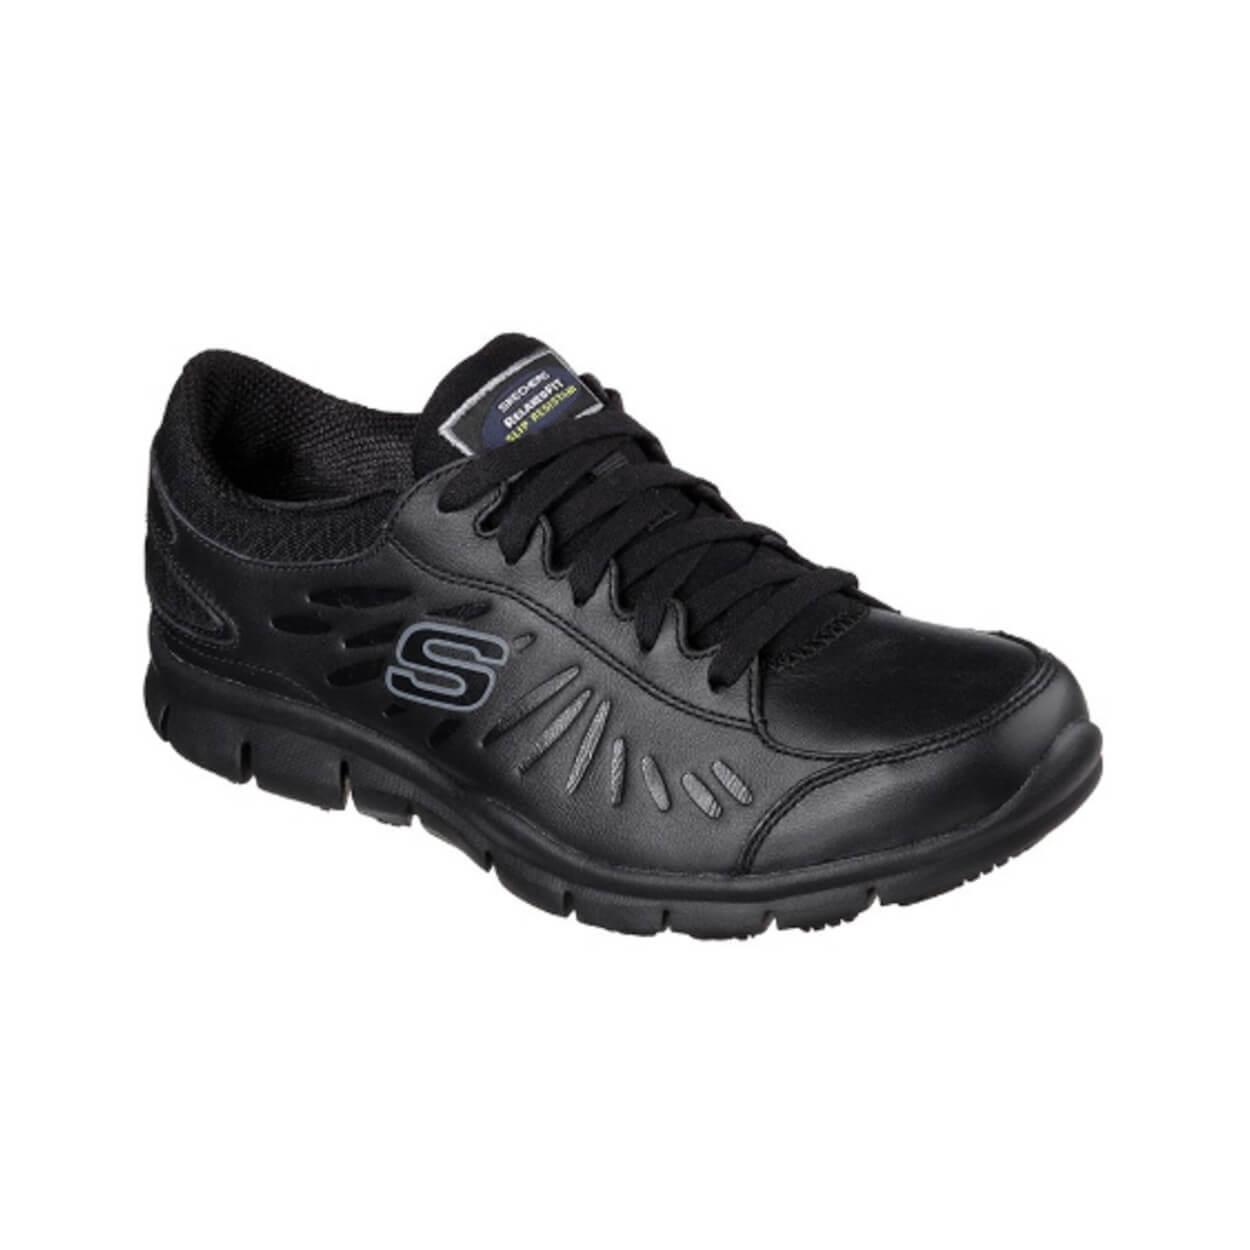 Γυναικείο παπούτσι με κορδόνι Skechers